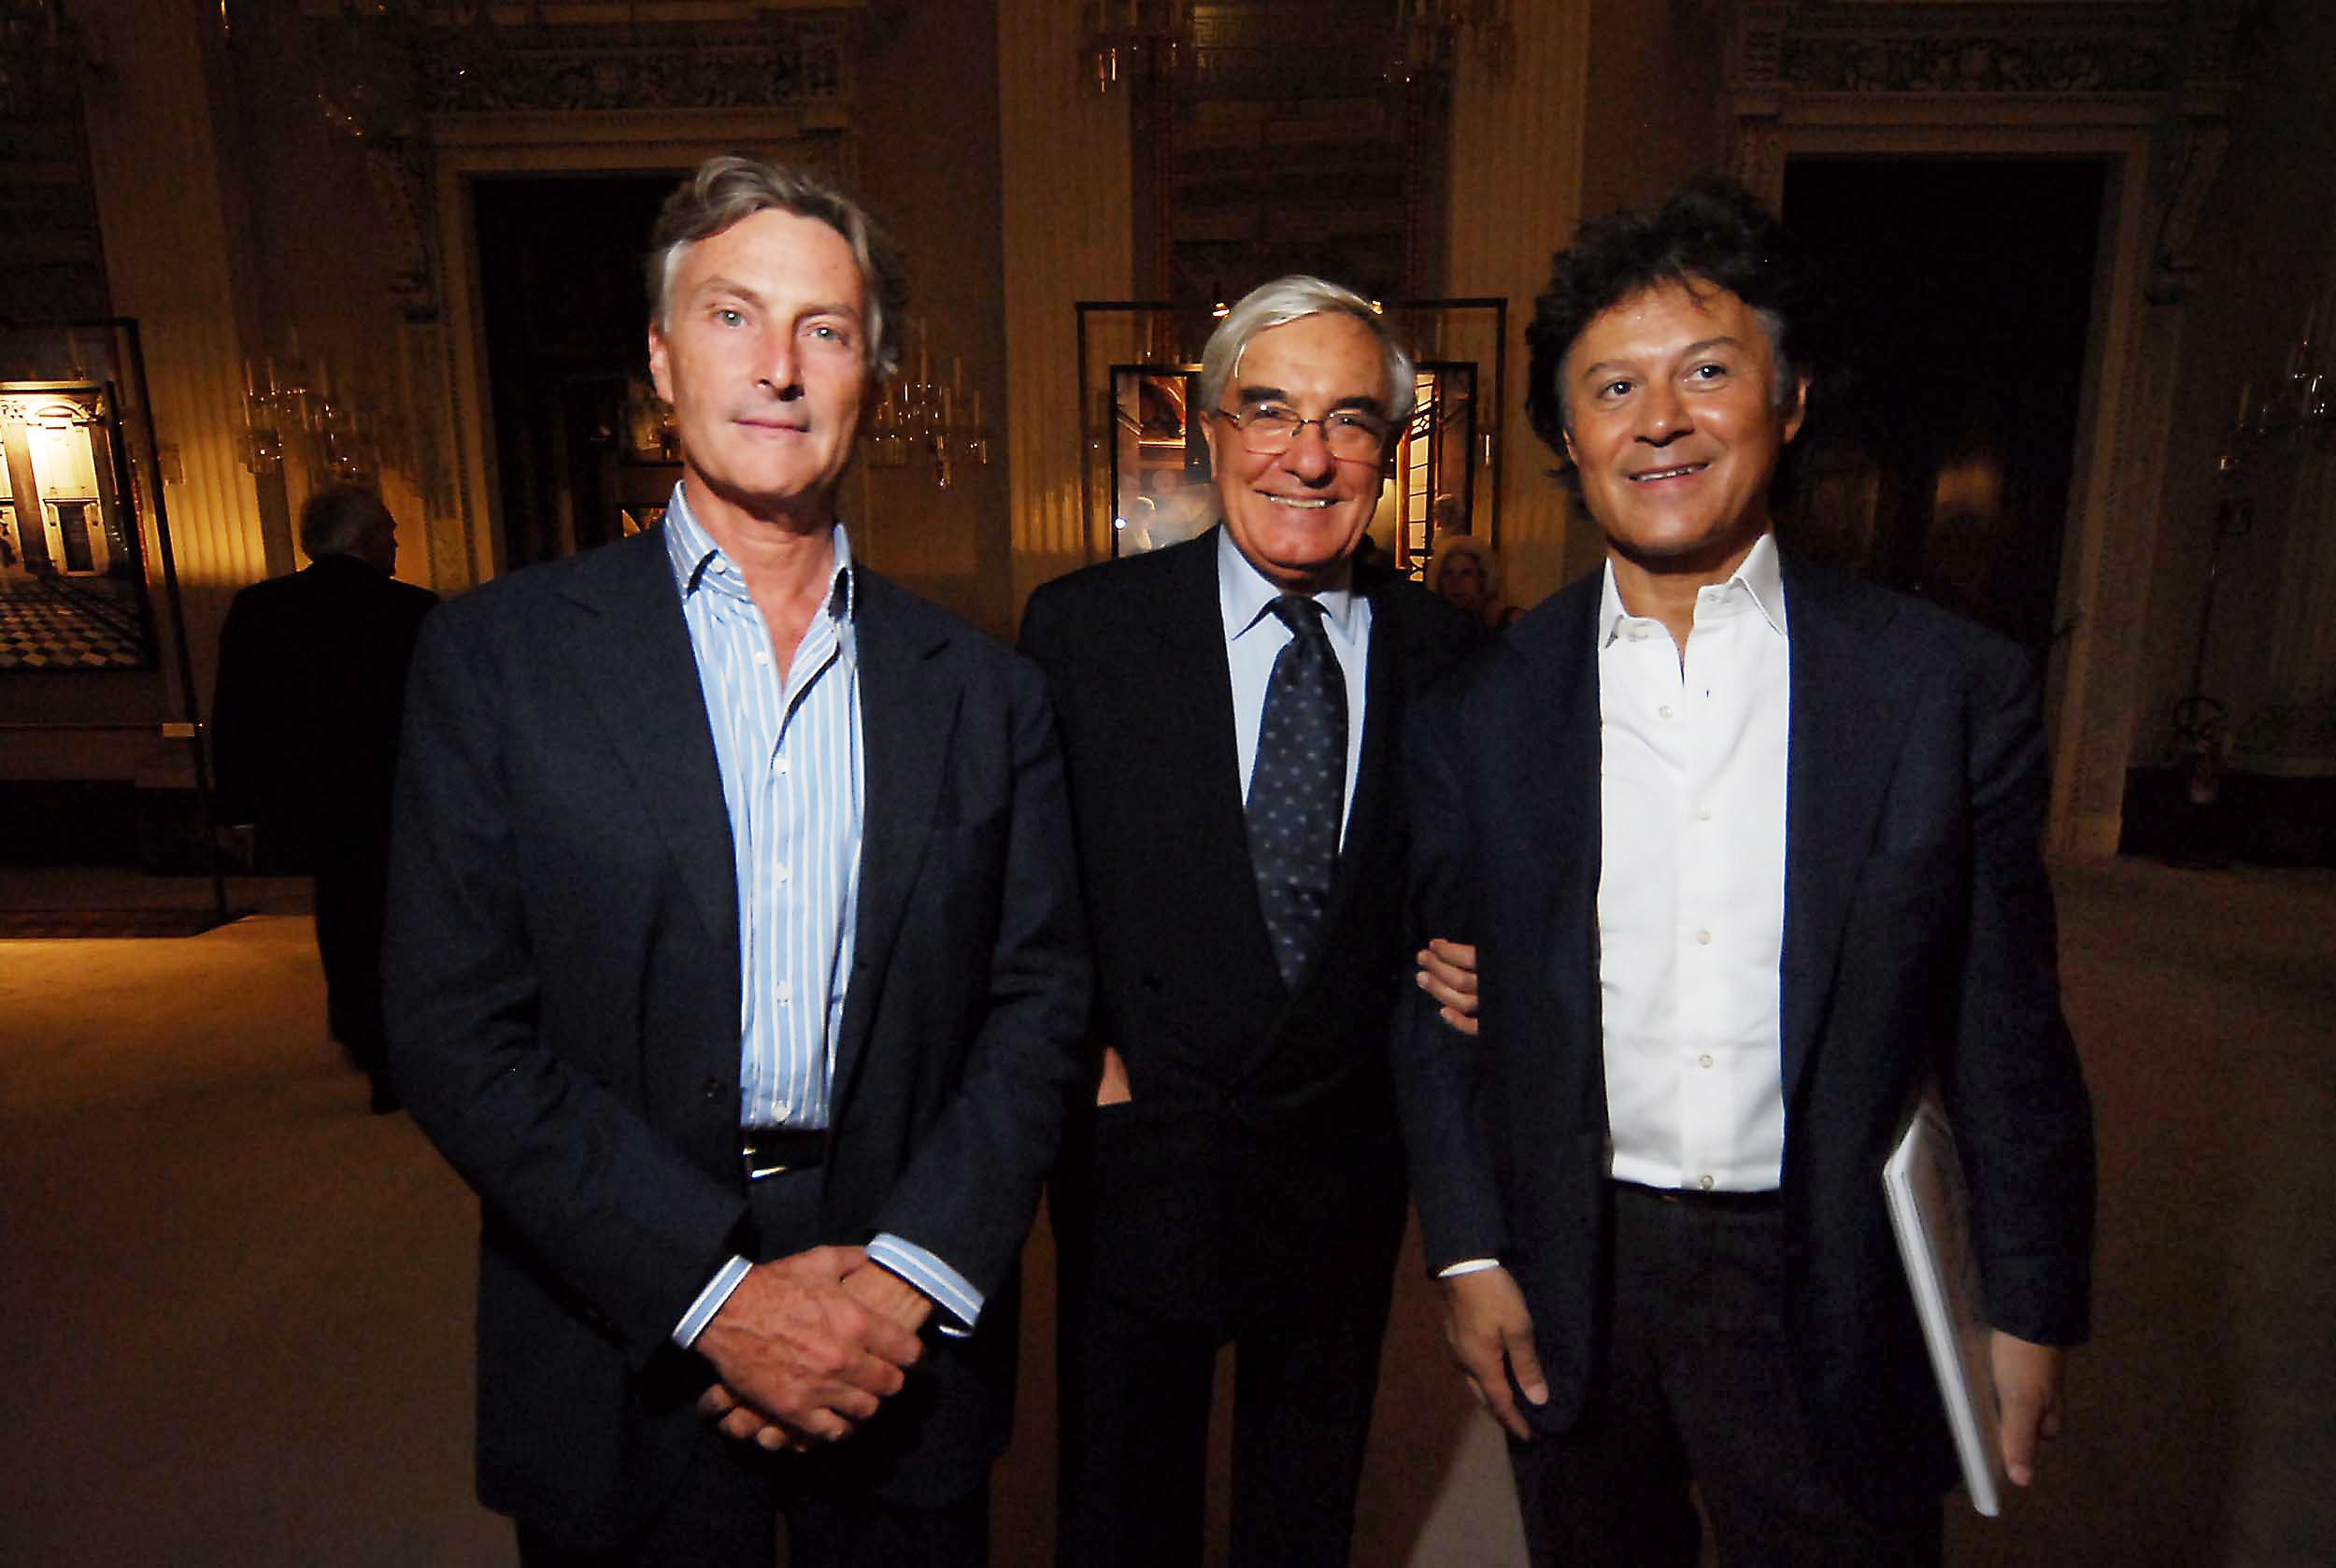 PRESSPHOTO  Firenze, Palazzo Pitti Galleria Palatina, mostra fotografica di Massimo Listri. Nella foto Umberto Allemandi, Peter Glidewell e Massimo Listri